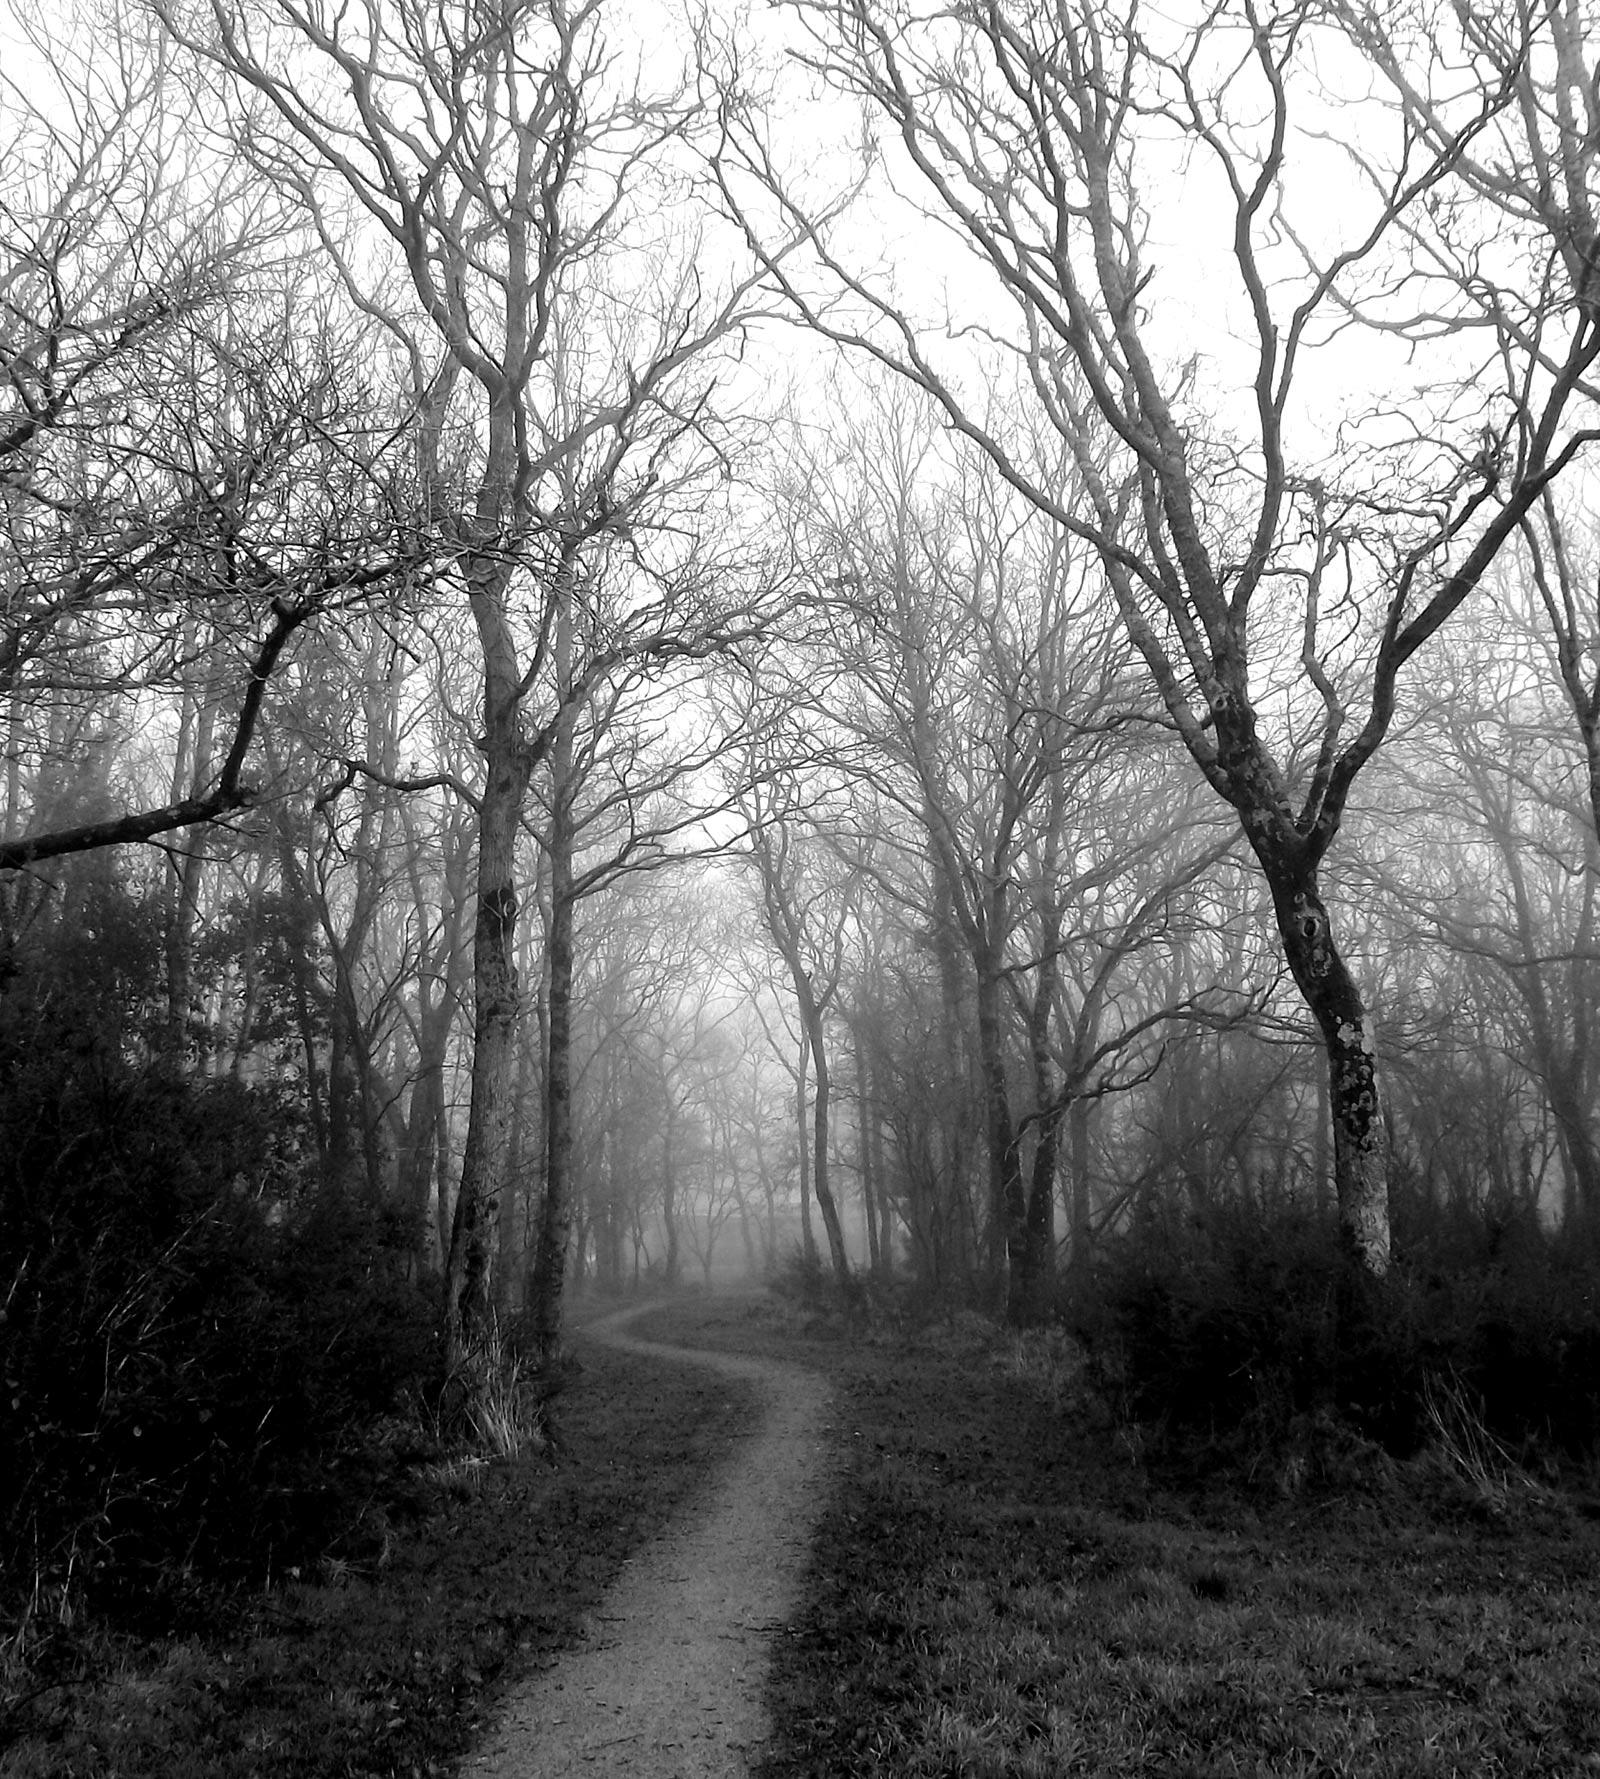 Paisaje con árboles y niebla - Efecto pintura al óleo